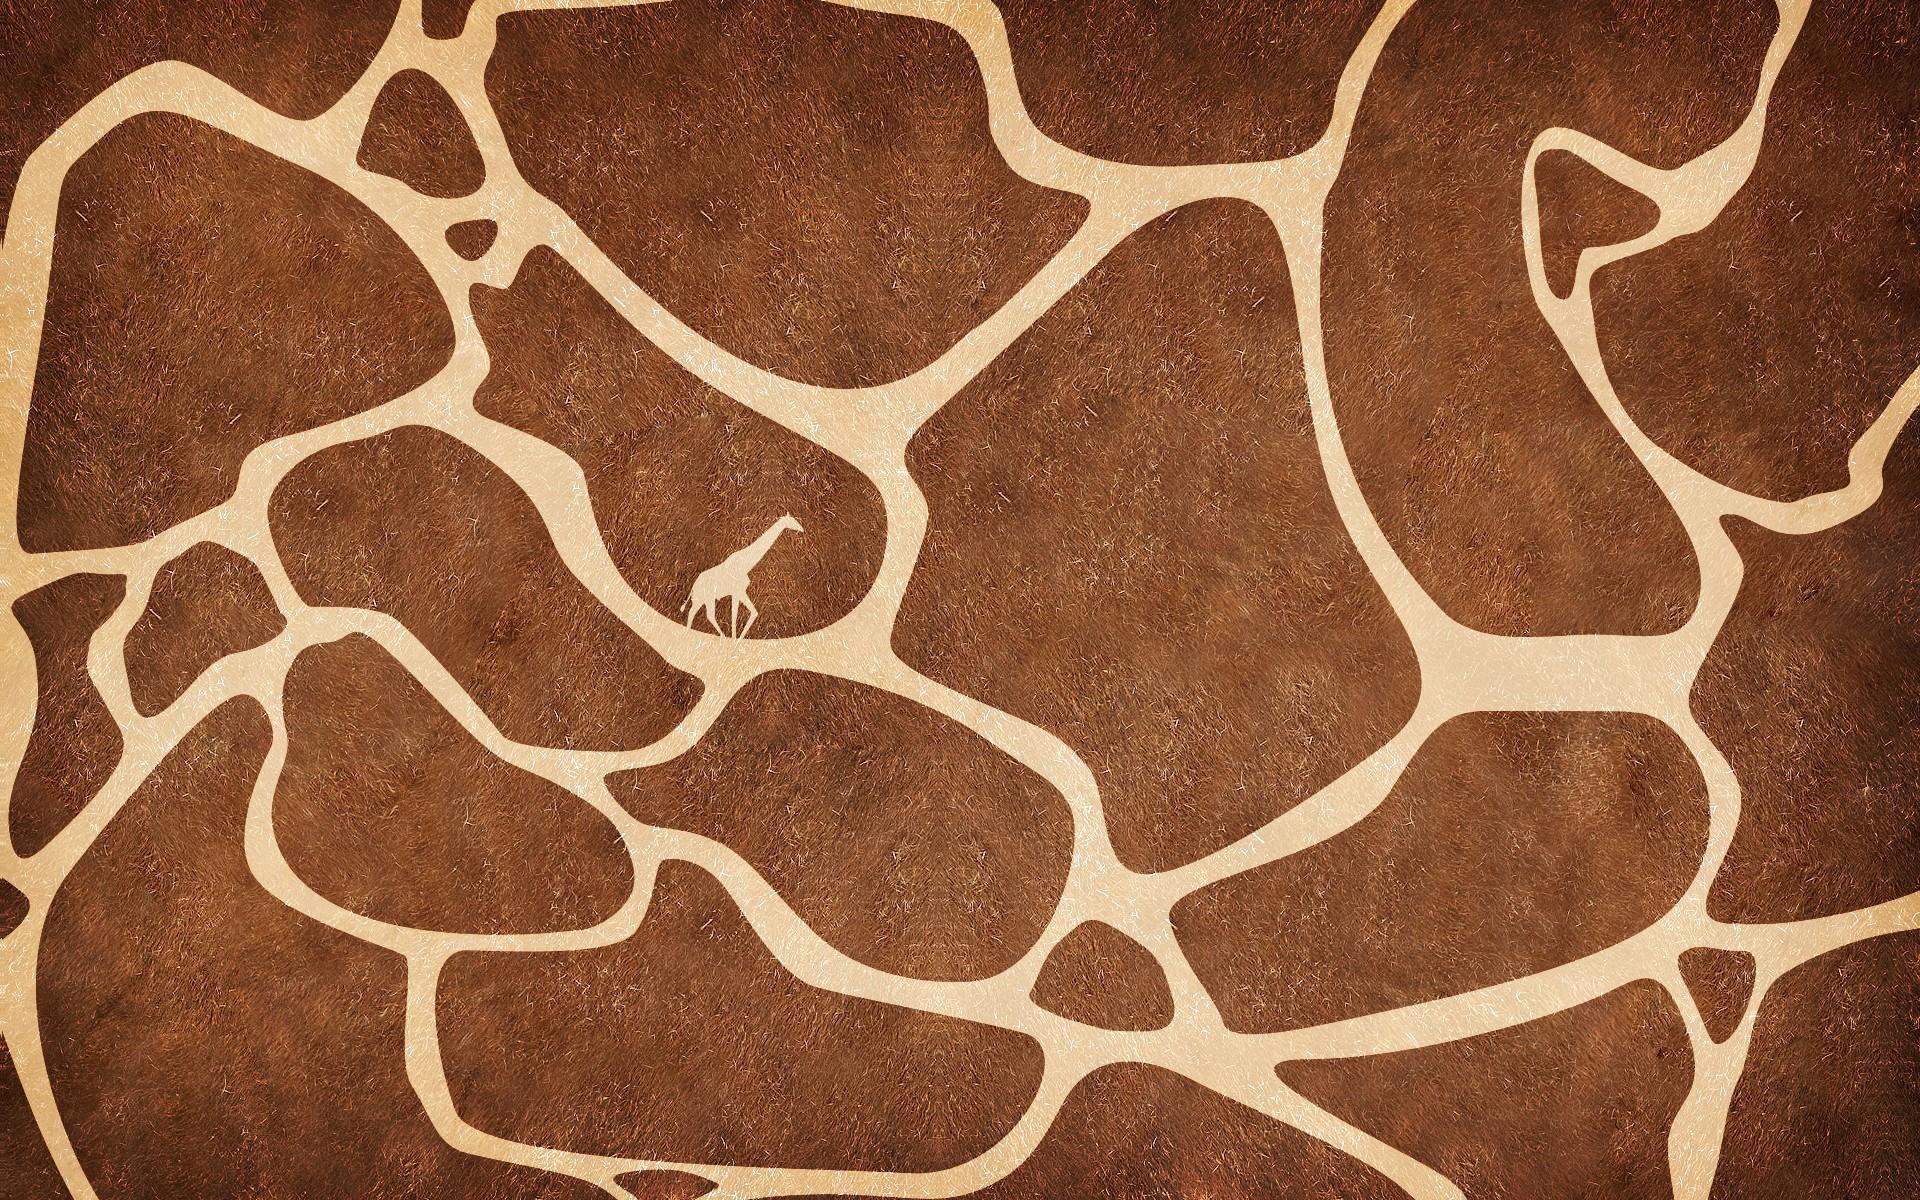 Giraffes images Giraffe Wallpaper HD wallpaper and background photos